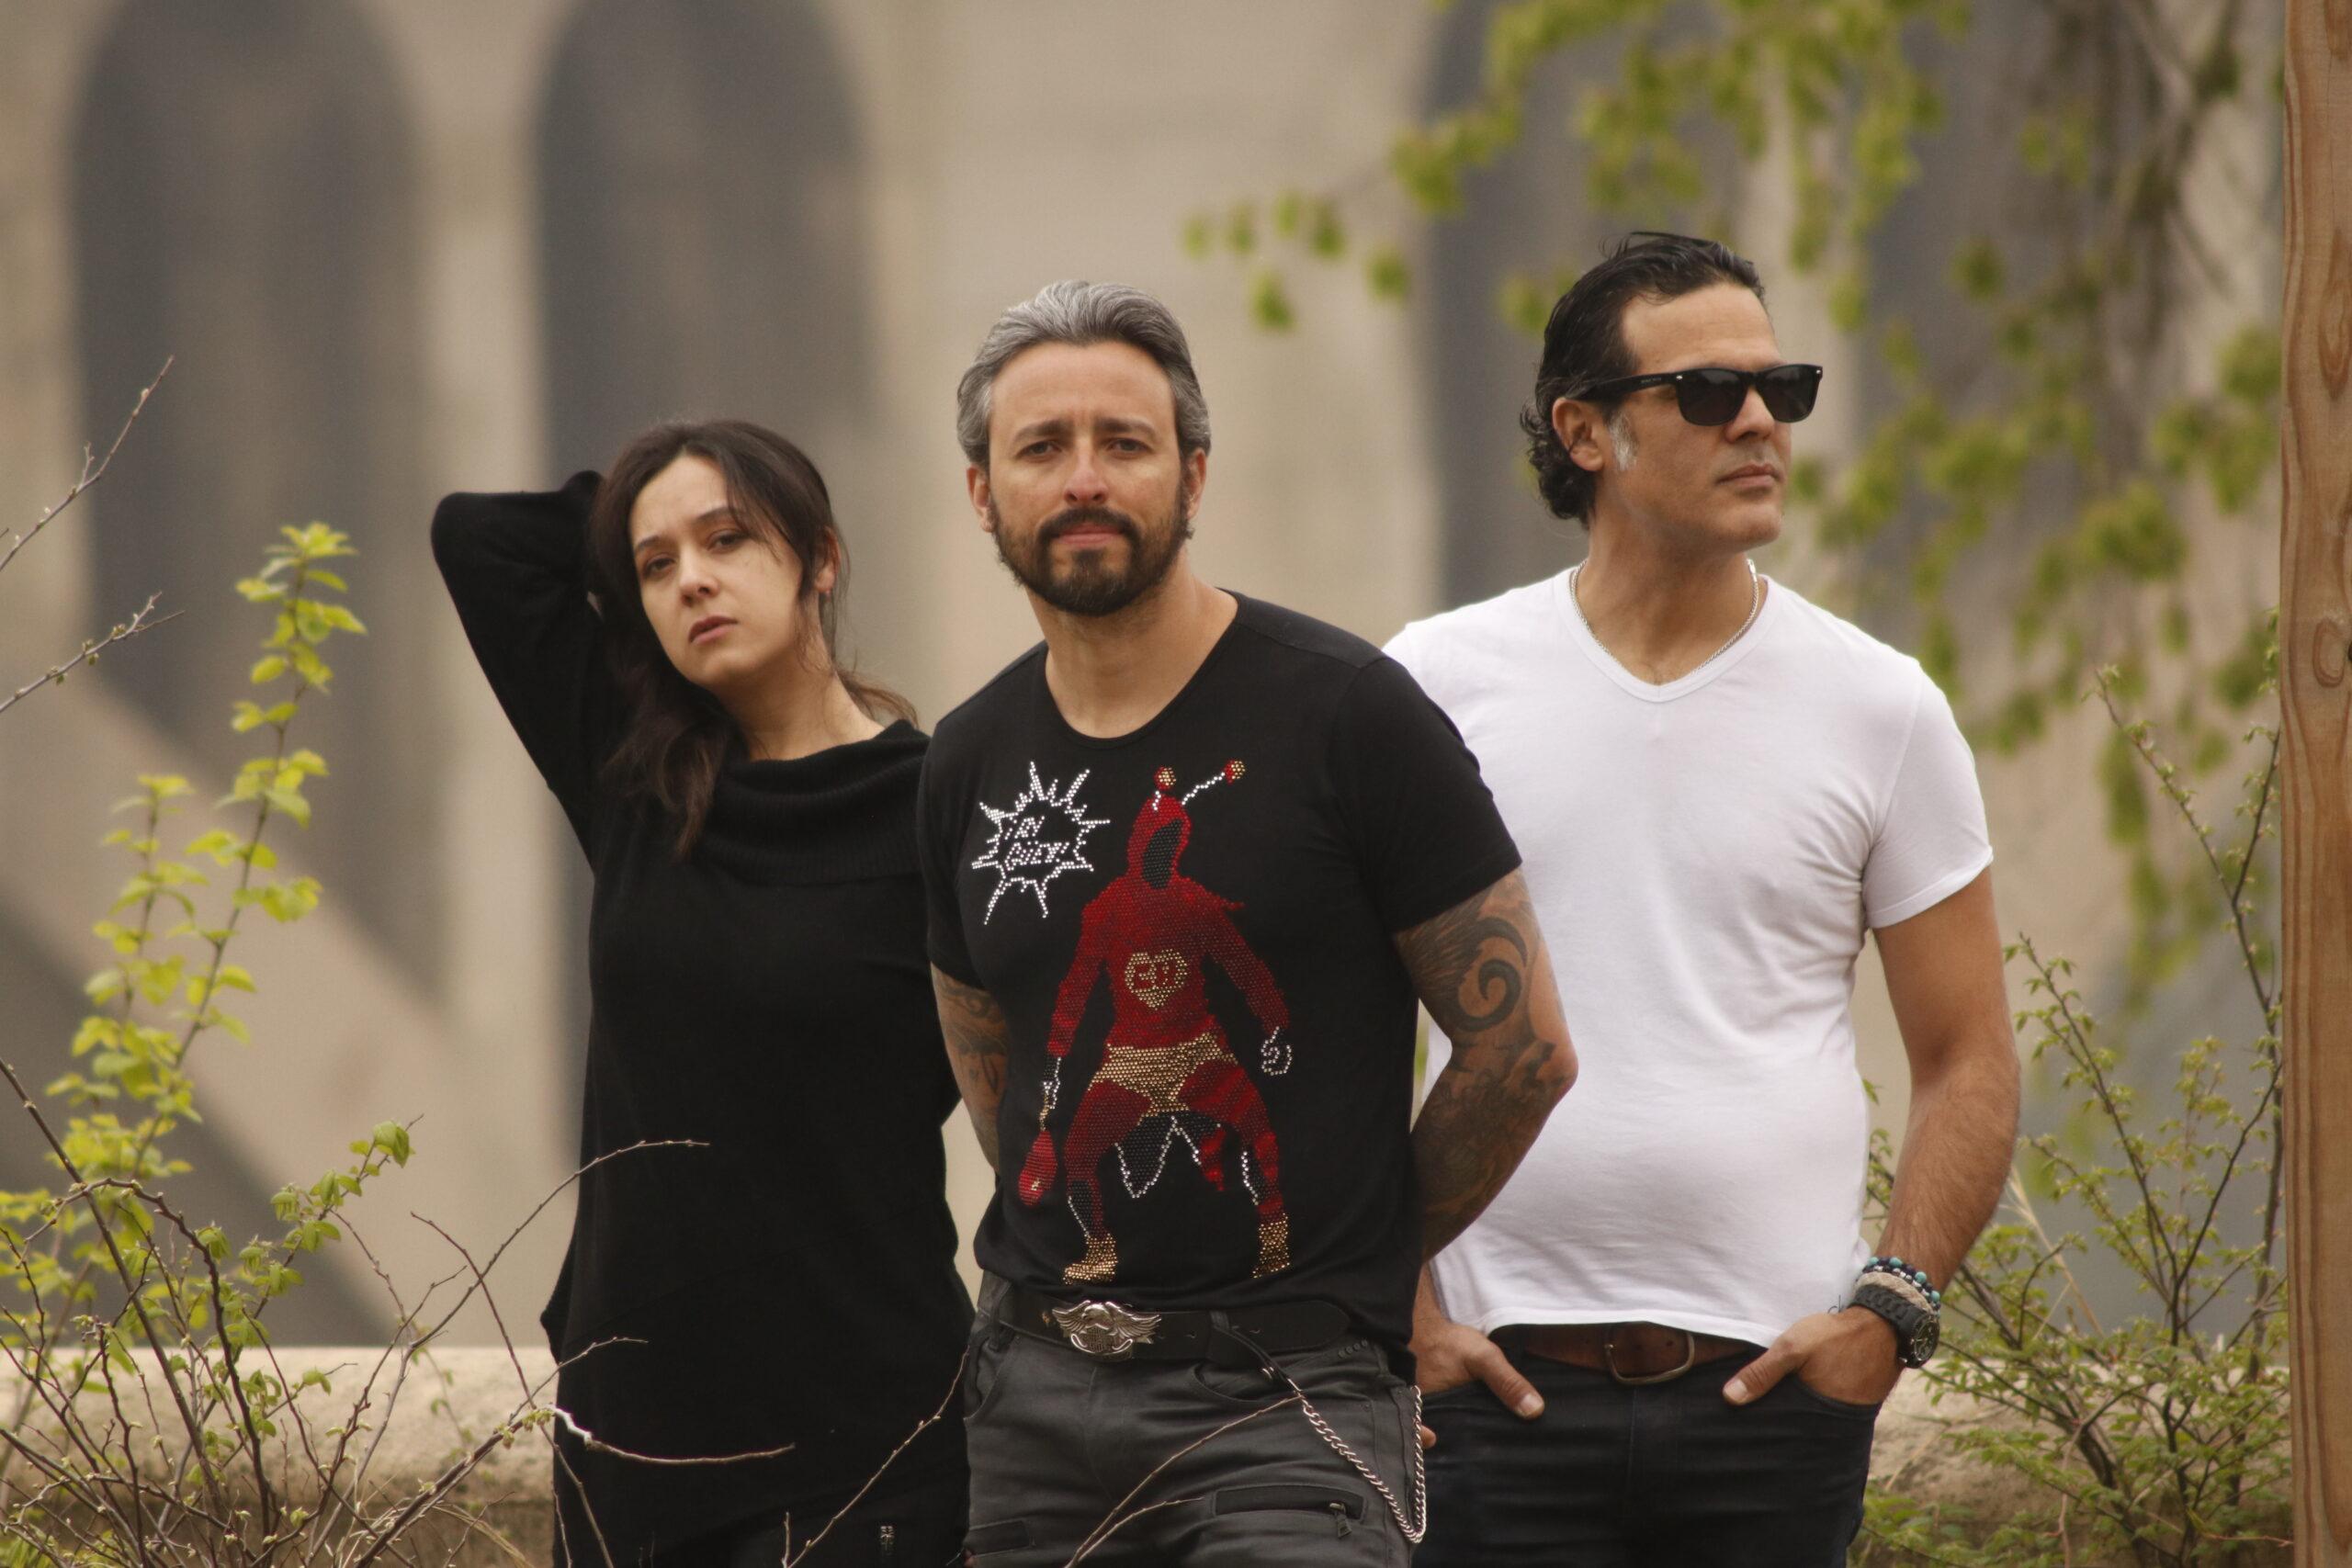 Perro Sombra: grunge y rock duro desde Washington D.C.